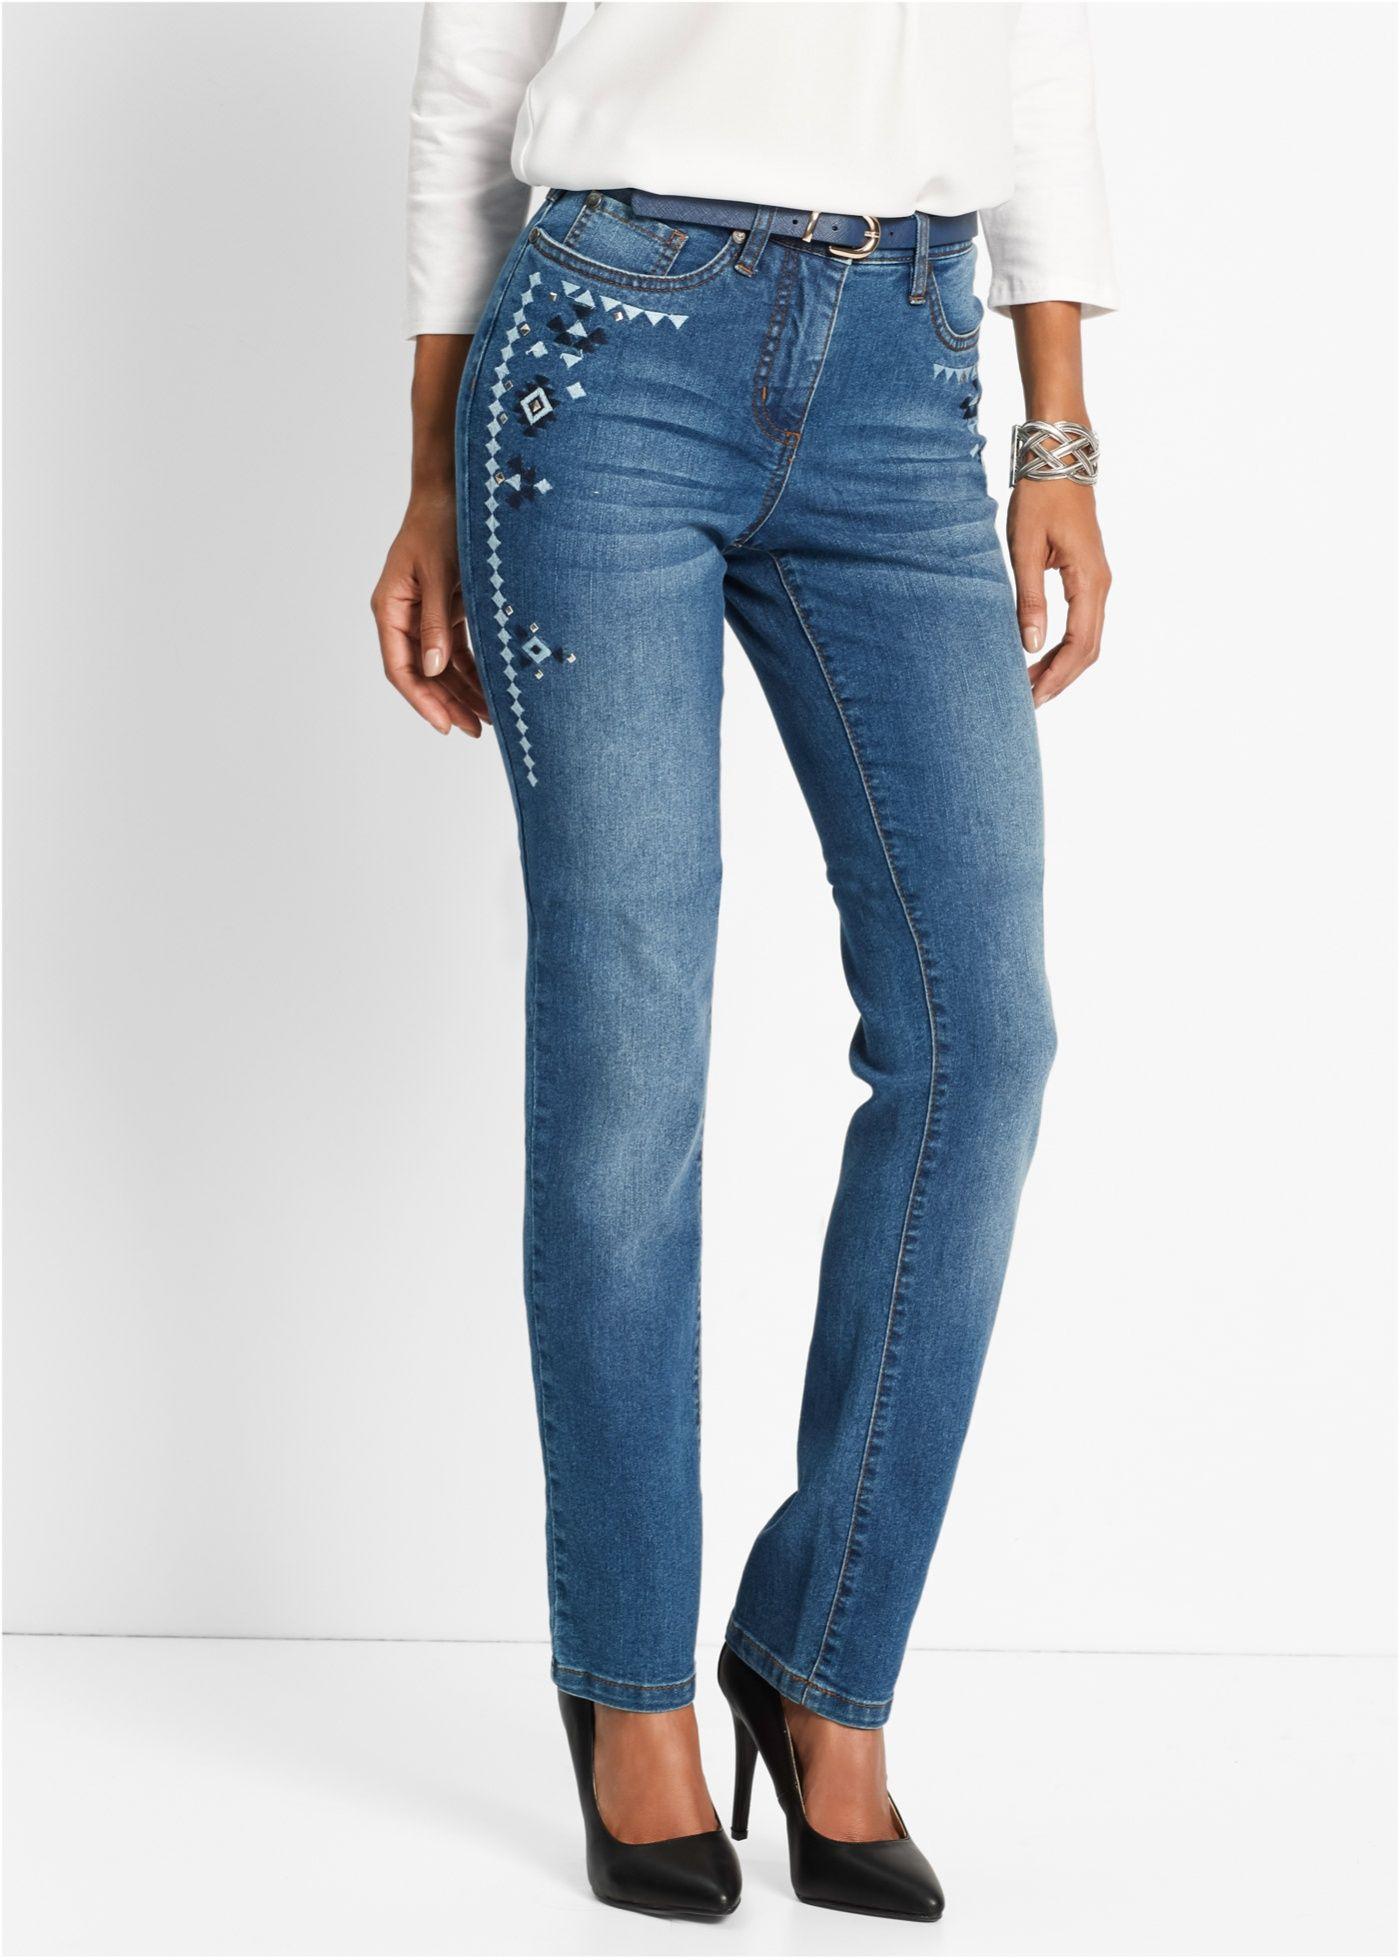 f53716d0942 Стрейтчевые джинсы с вышивкой